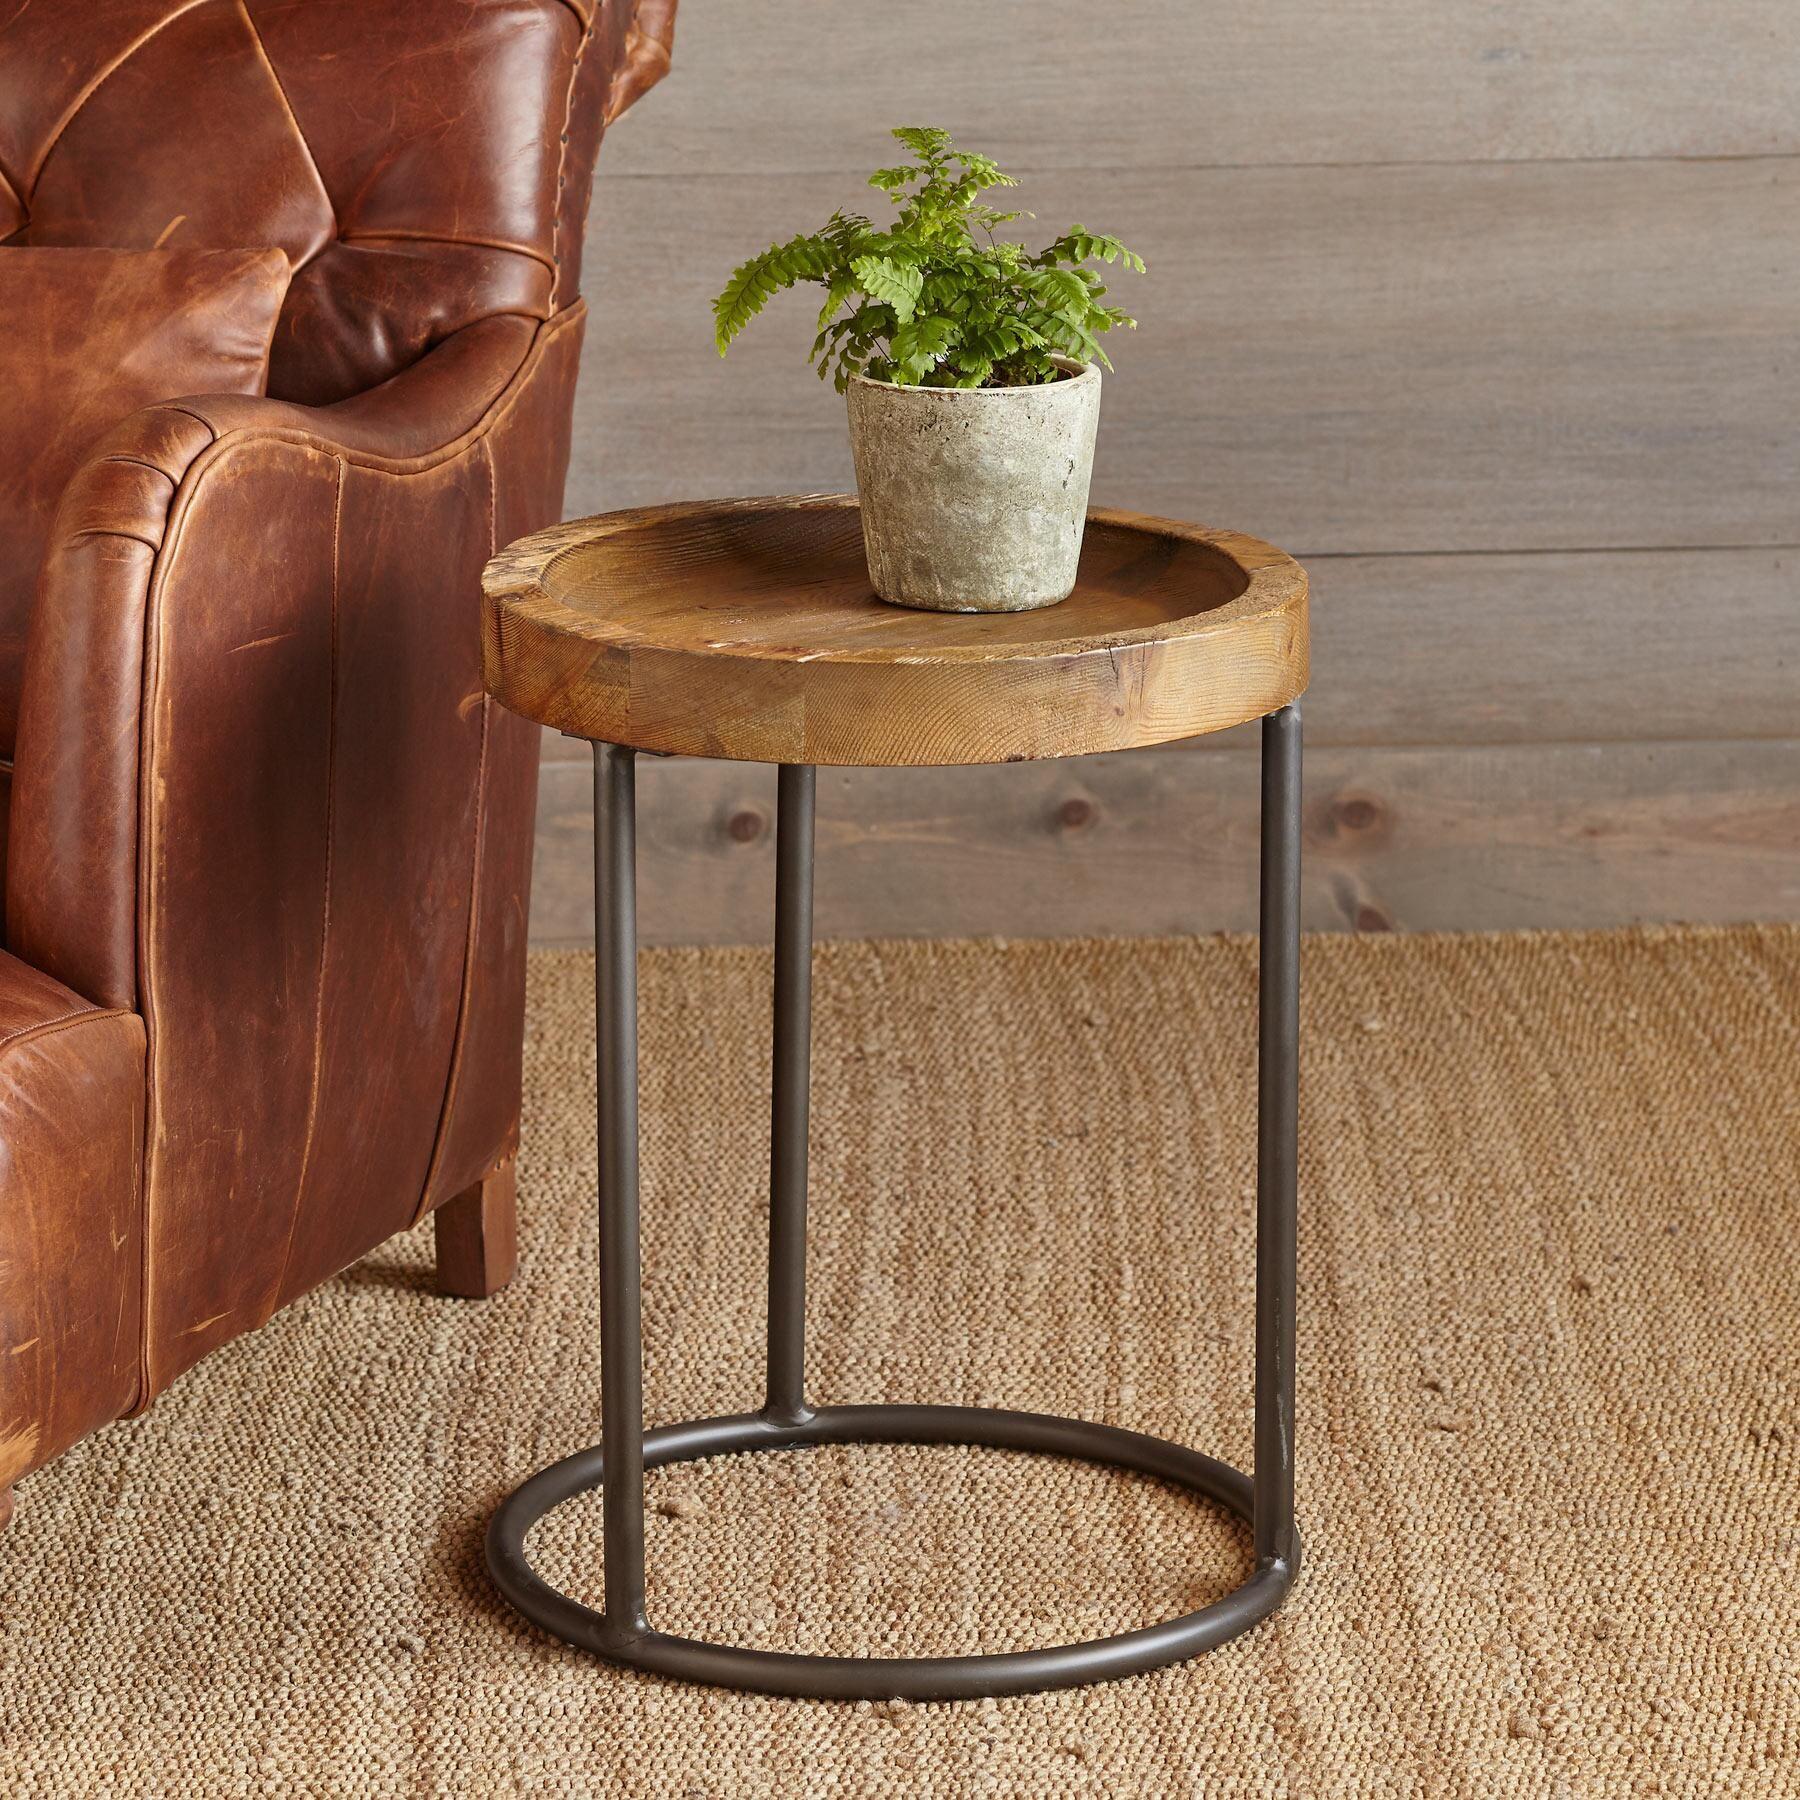 Pin von Amber Hales auf Furniture | Pinterest